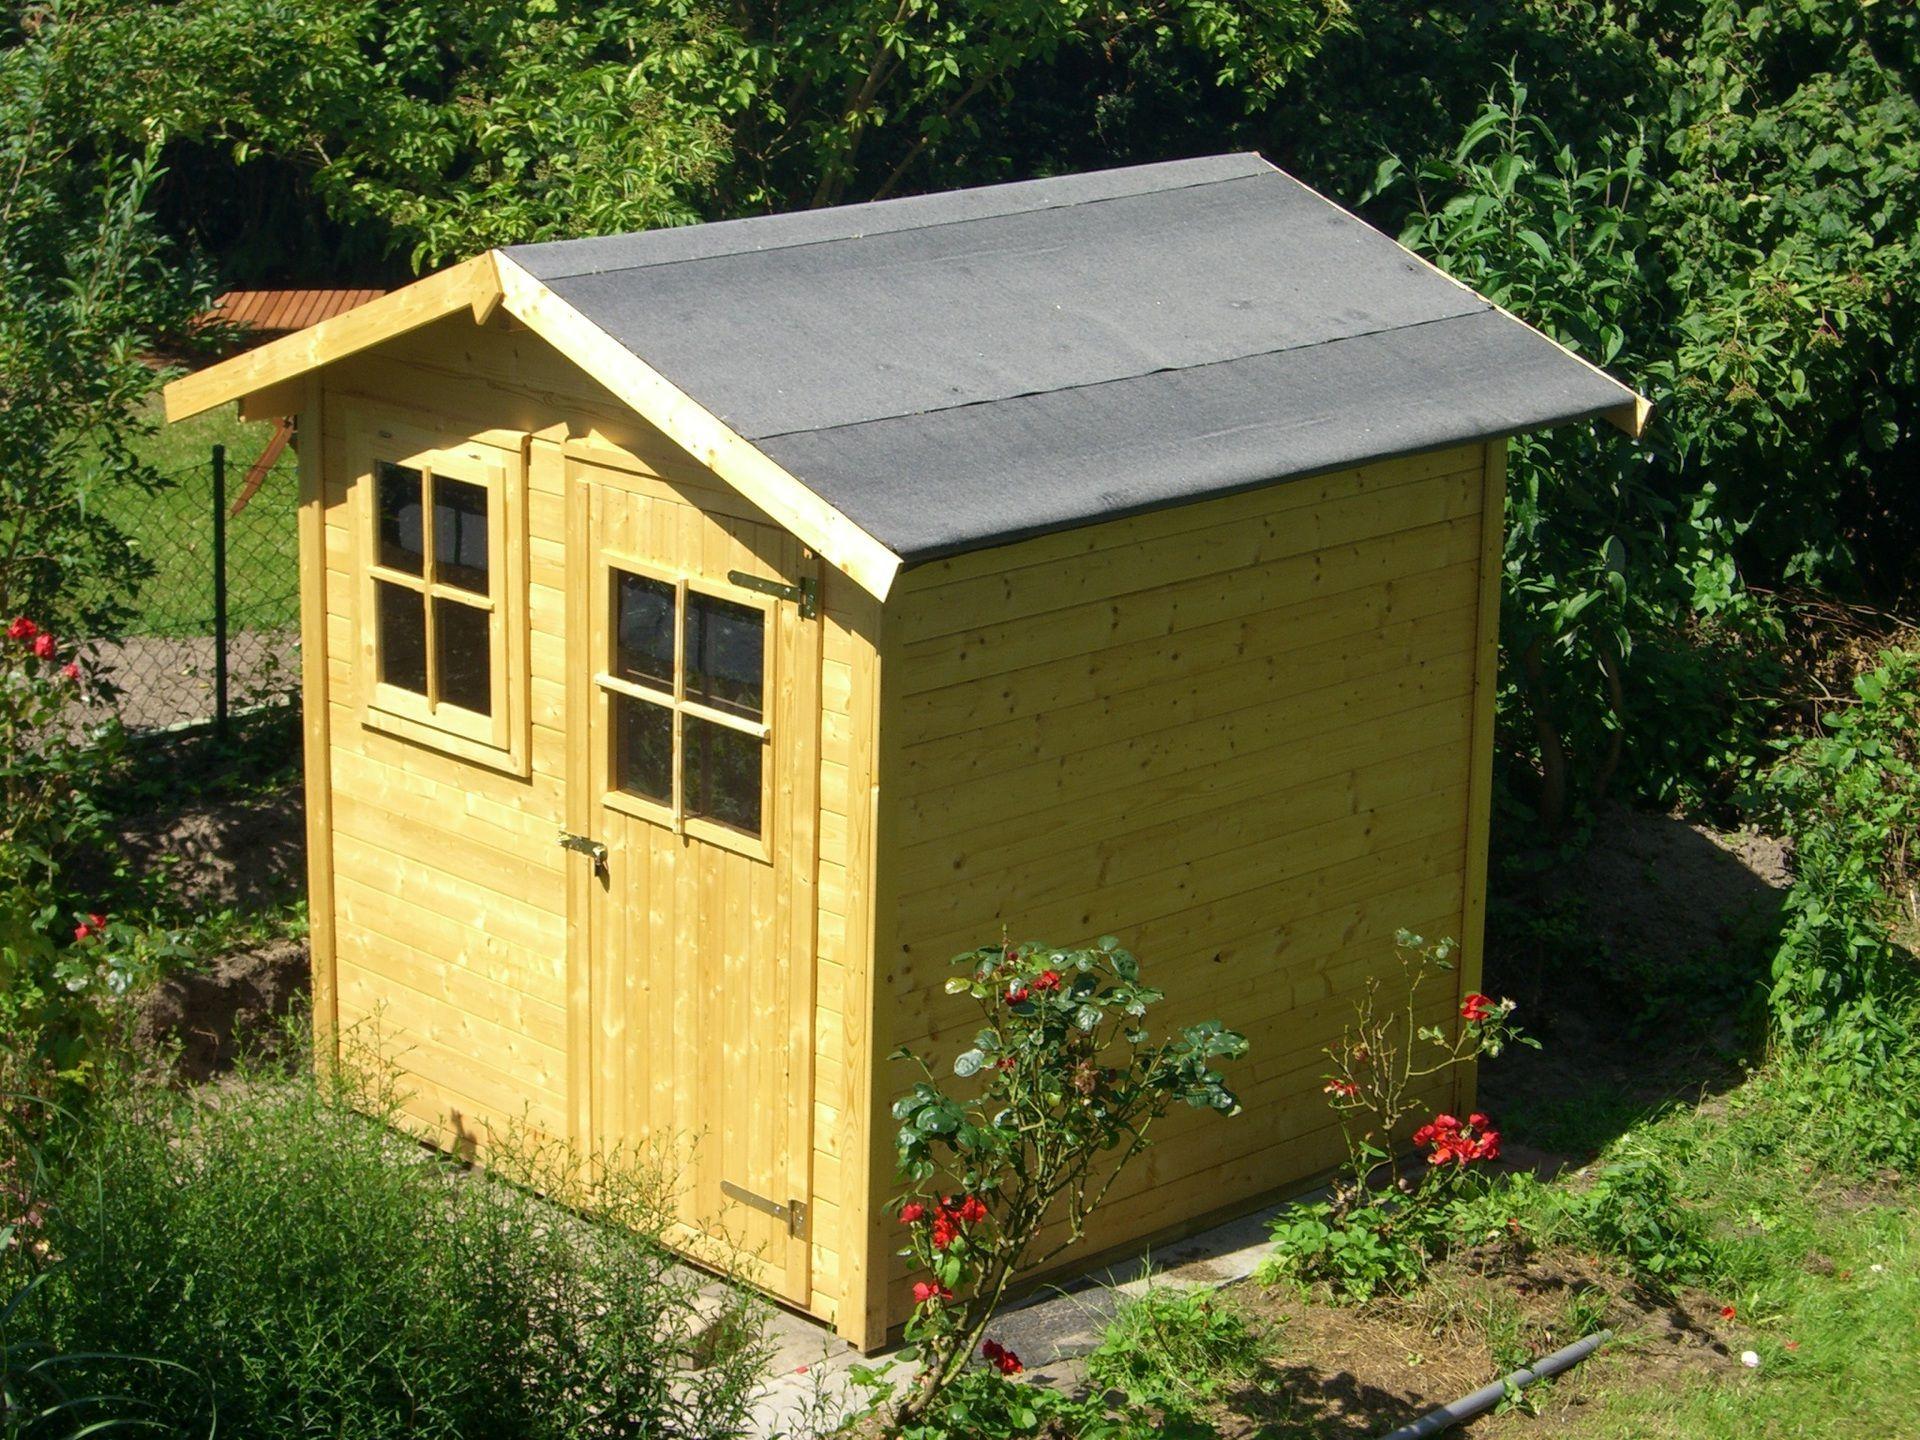 Gartenhaus bauen So wird es schön und praktisch bauemotion